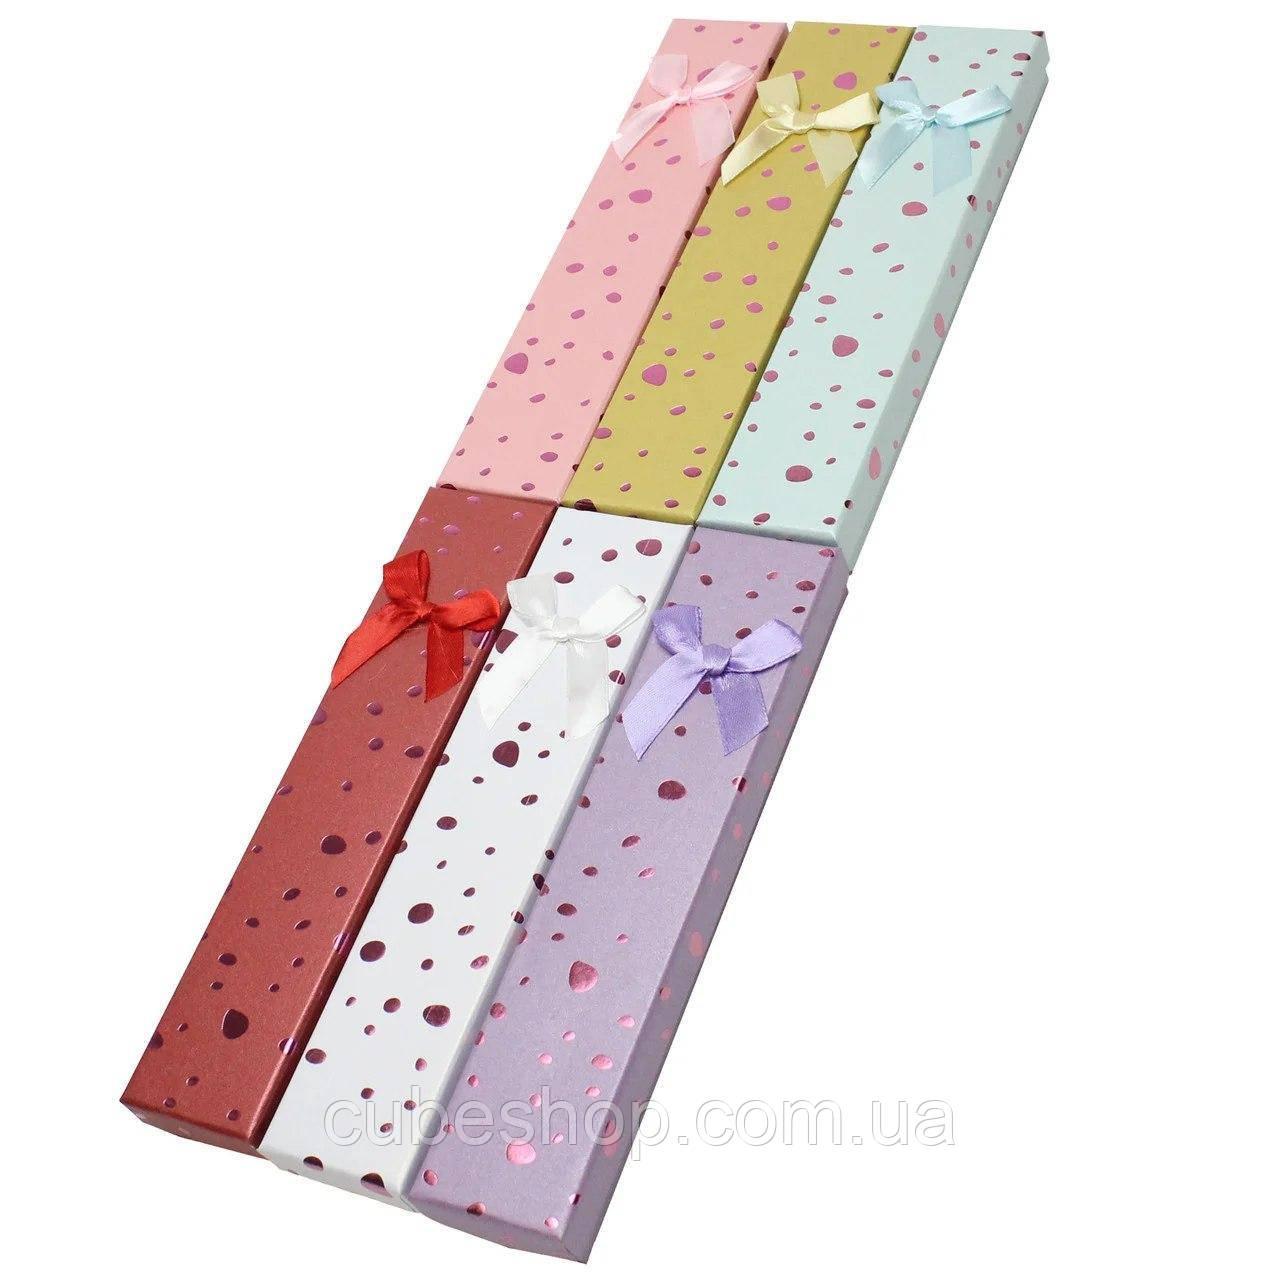 Коробочка подарочная для цепочки, браслета - Капли